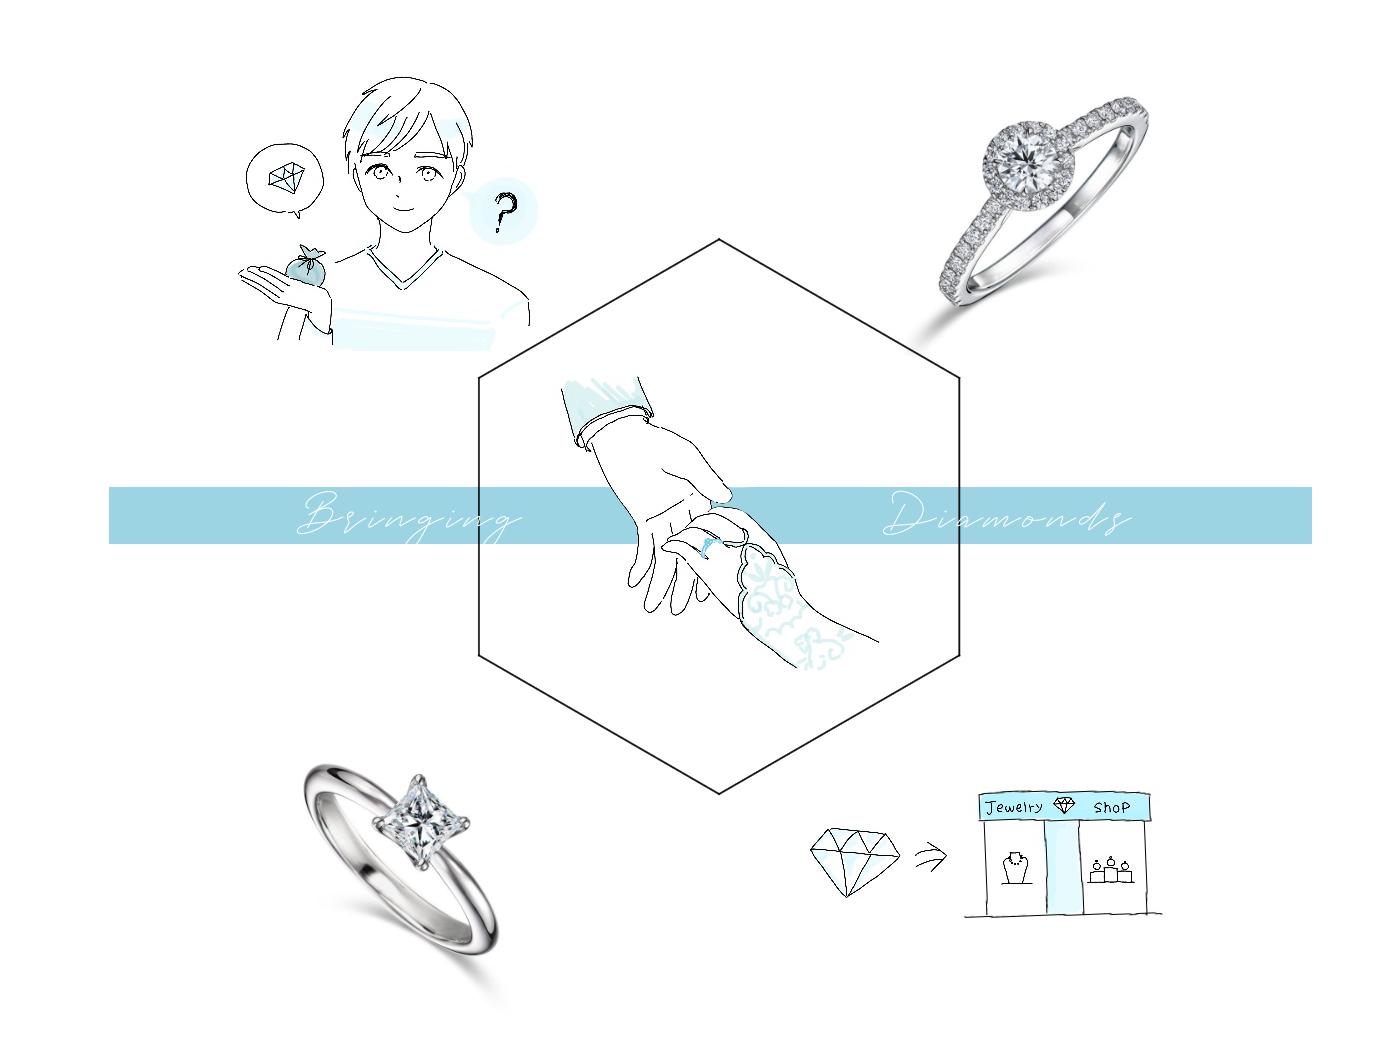 ダイヤモンドの持ち込みのイラスト集